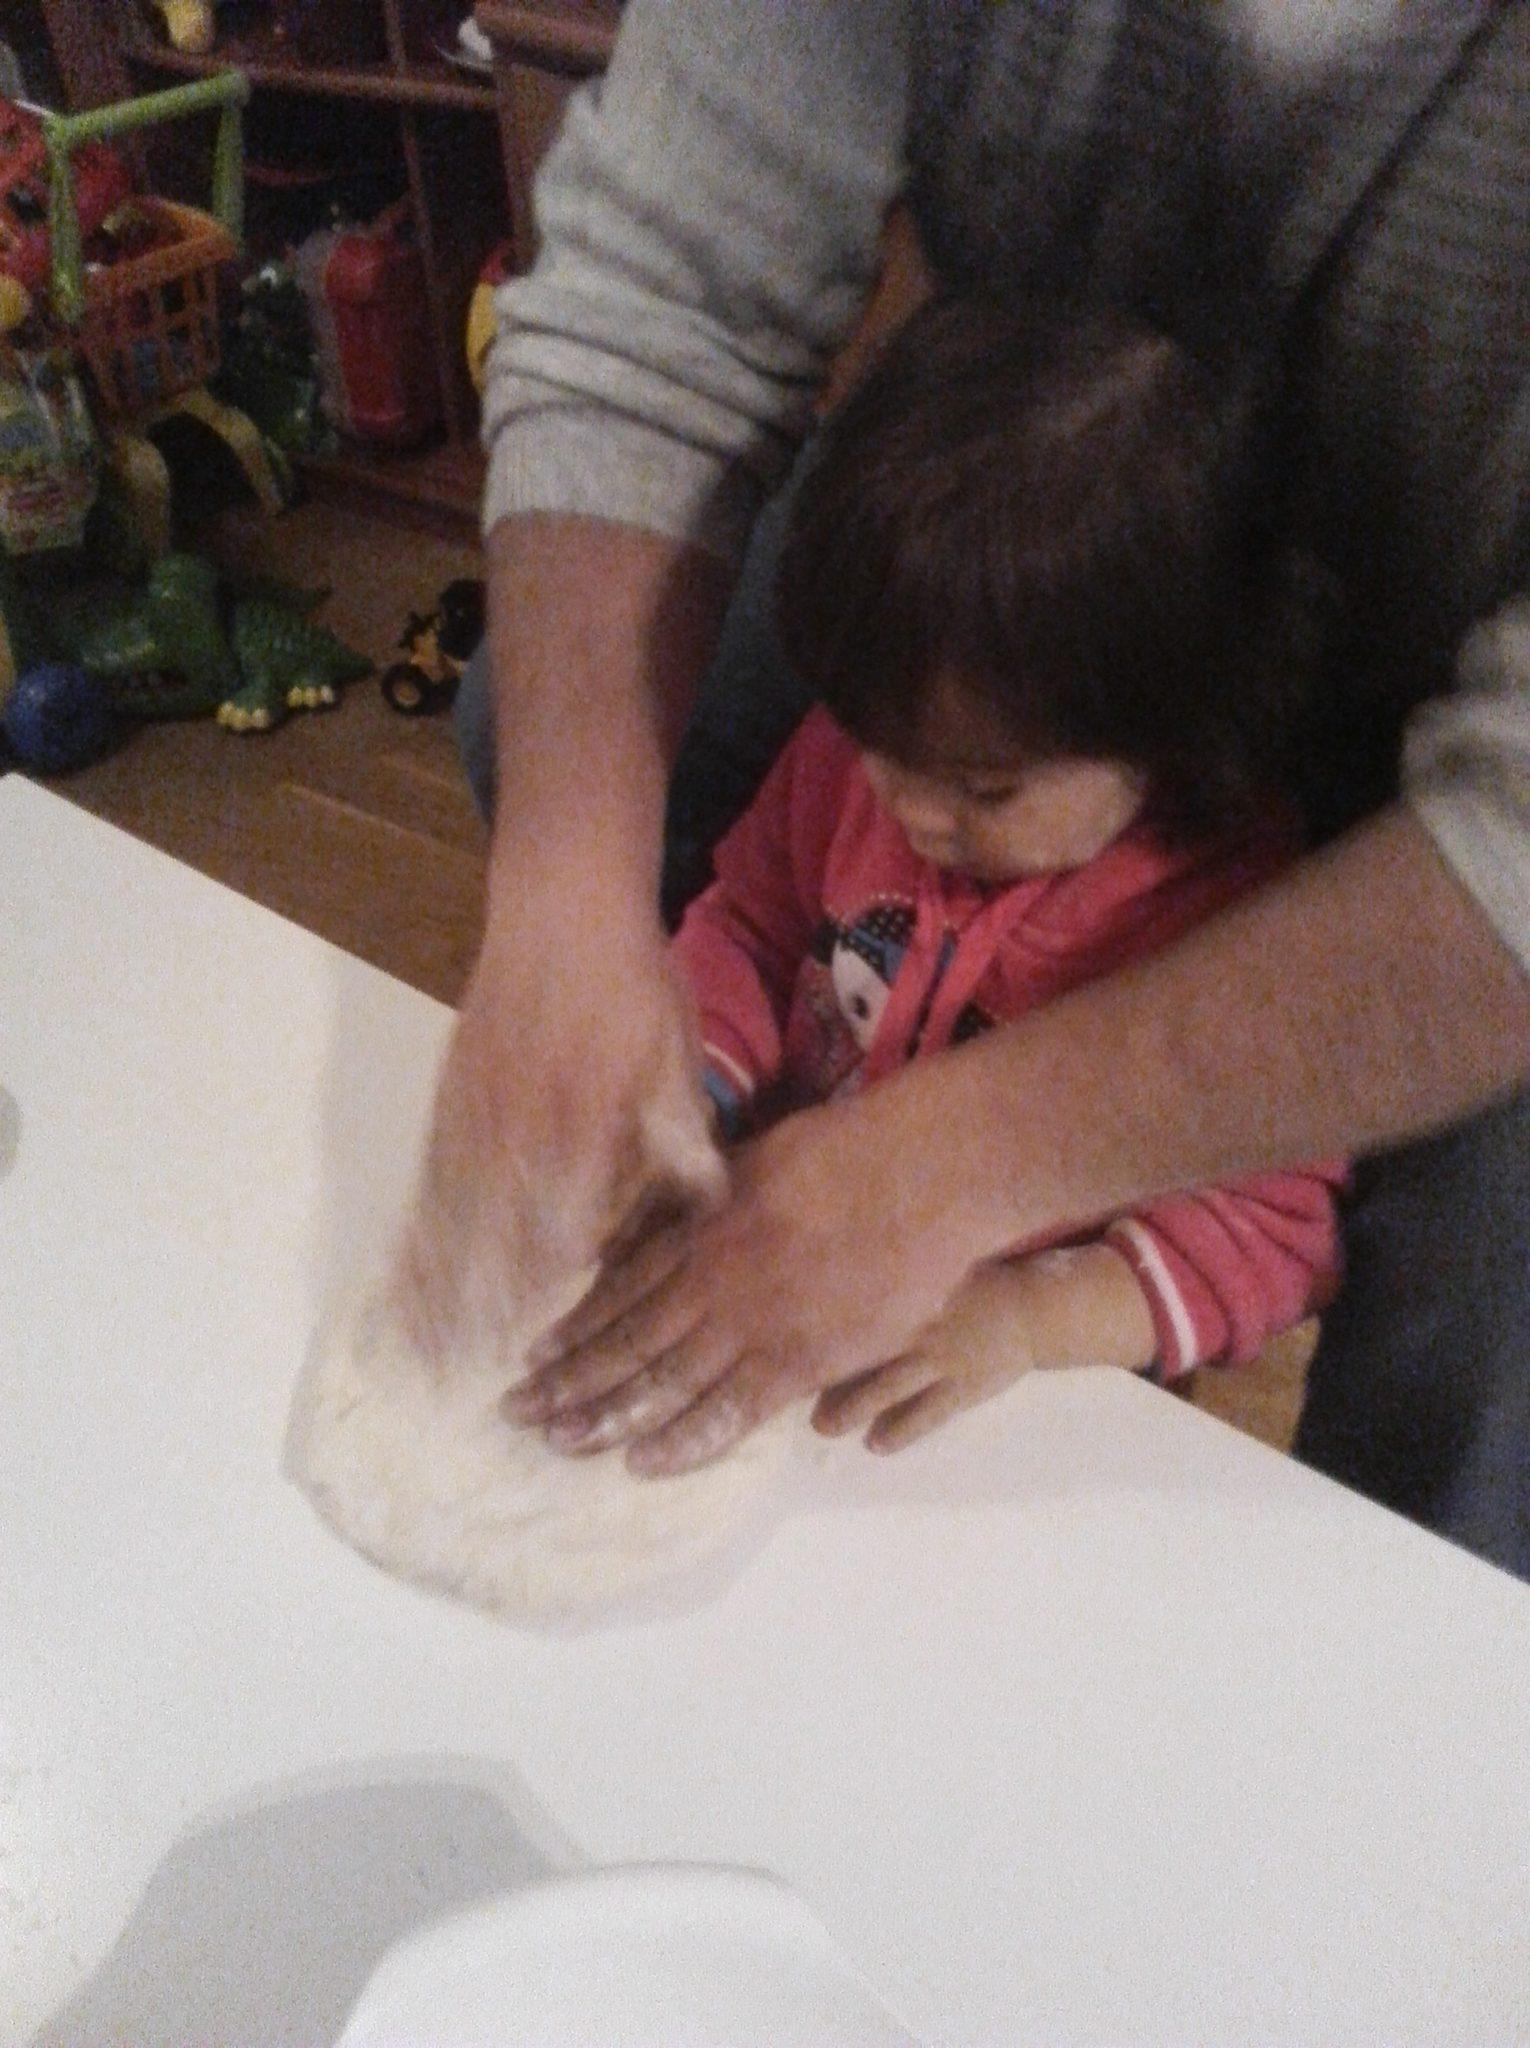 IMG 20161229 WA0047 - Hacer pan de sartén con niños